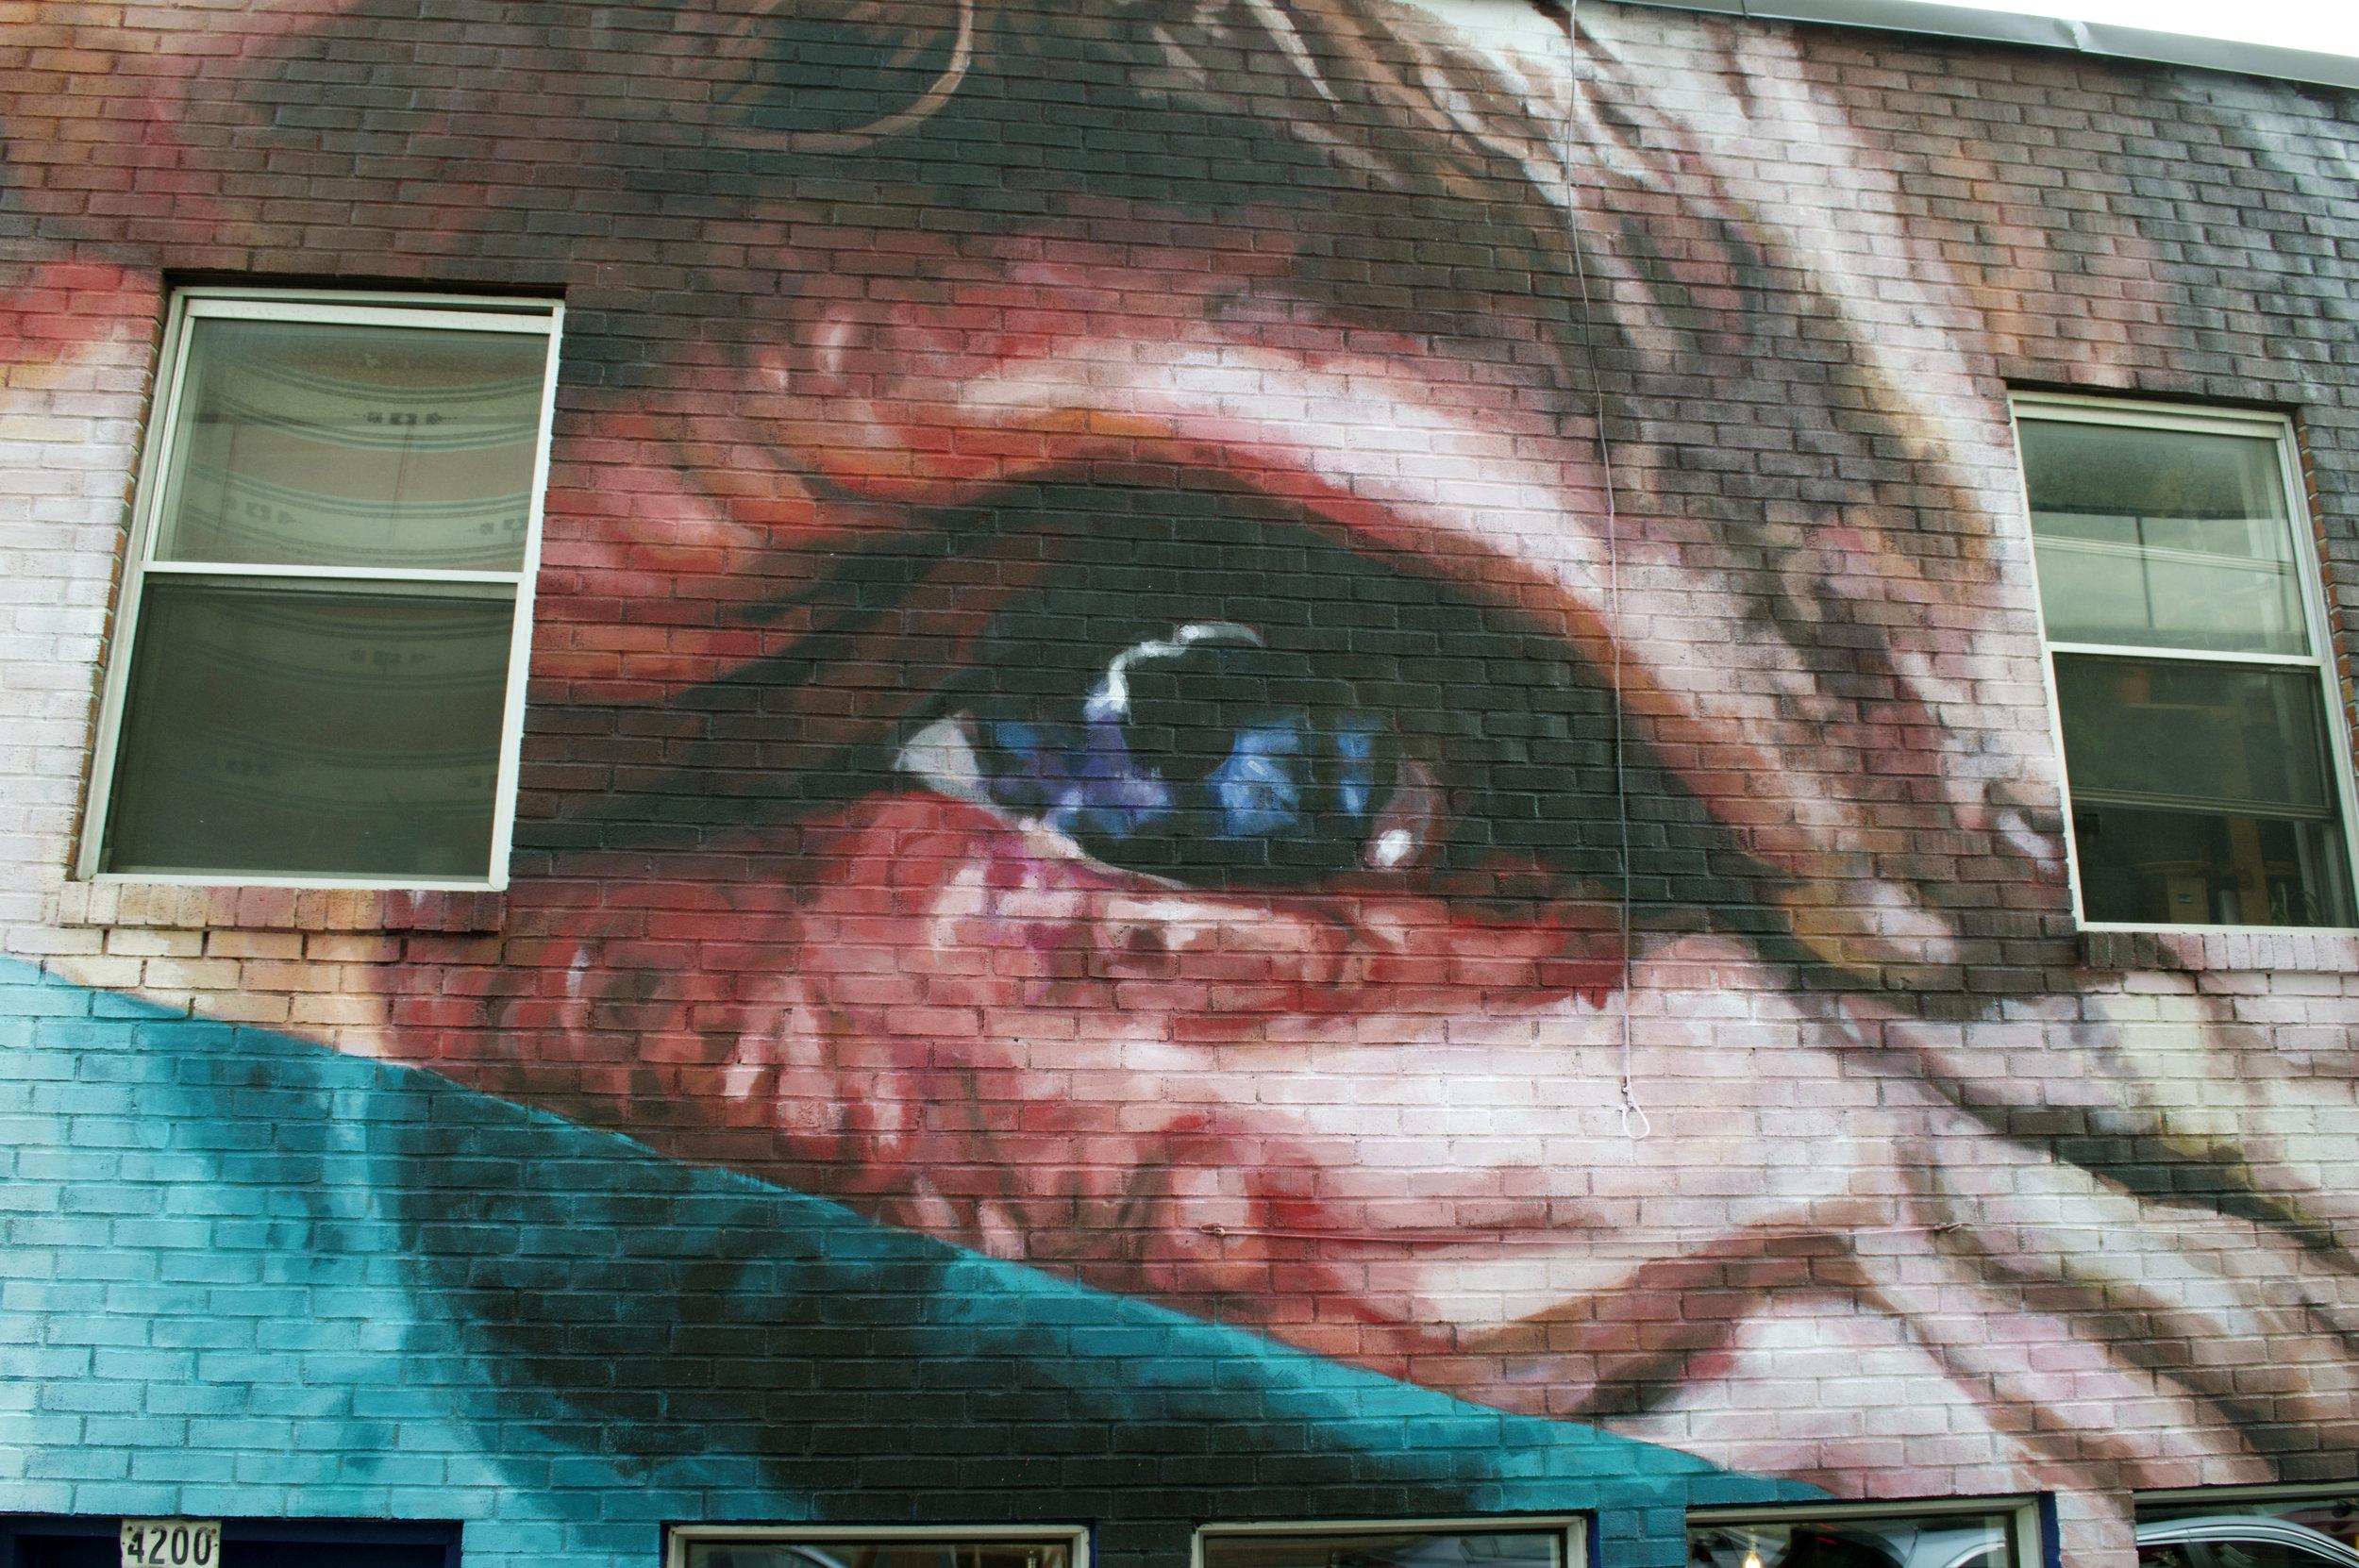 LookClosley-detaileye.jpg